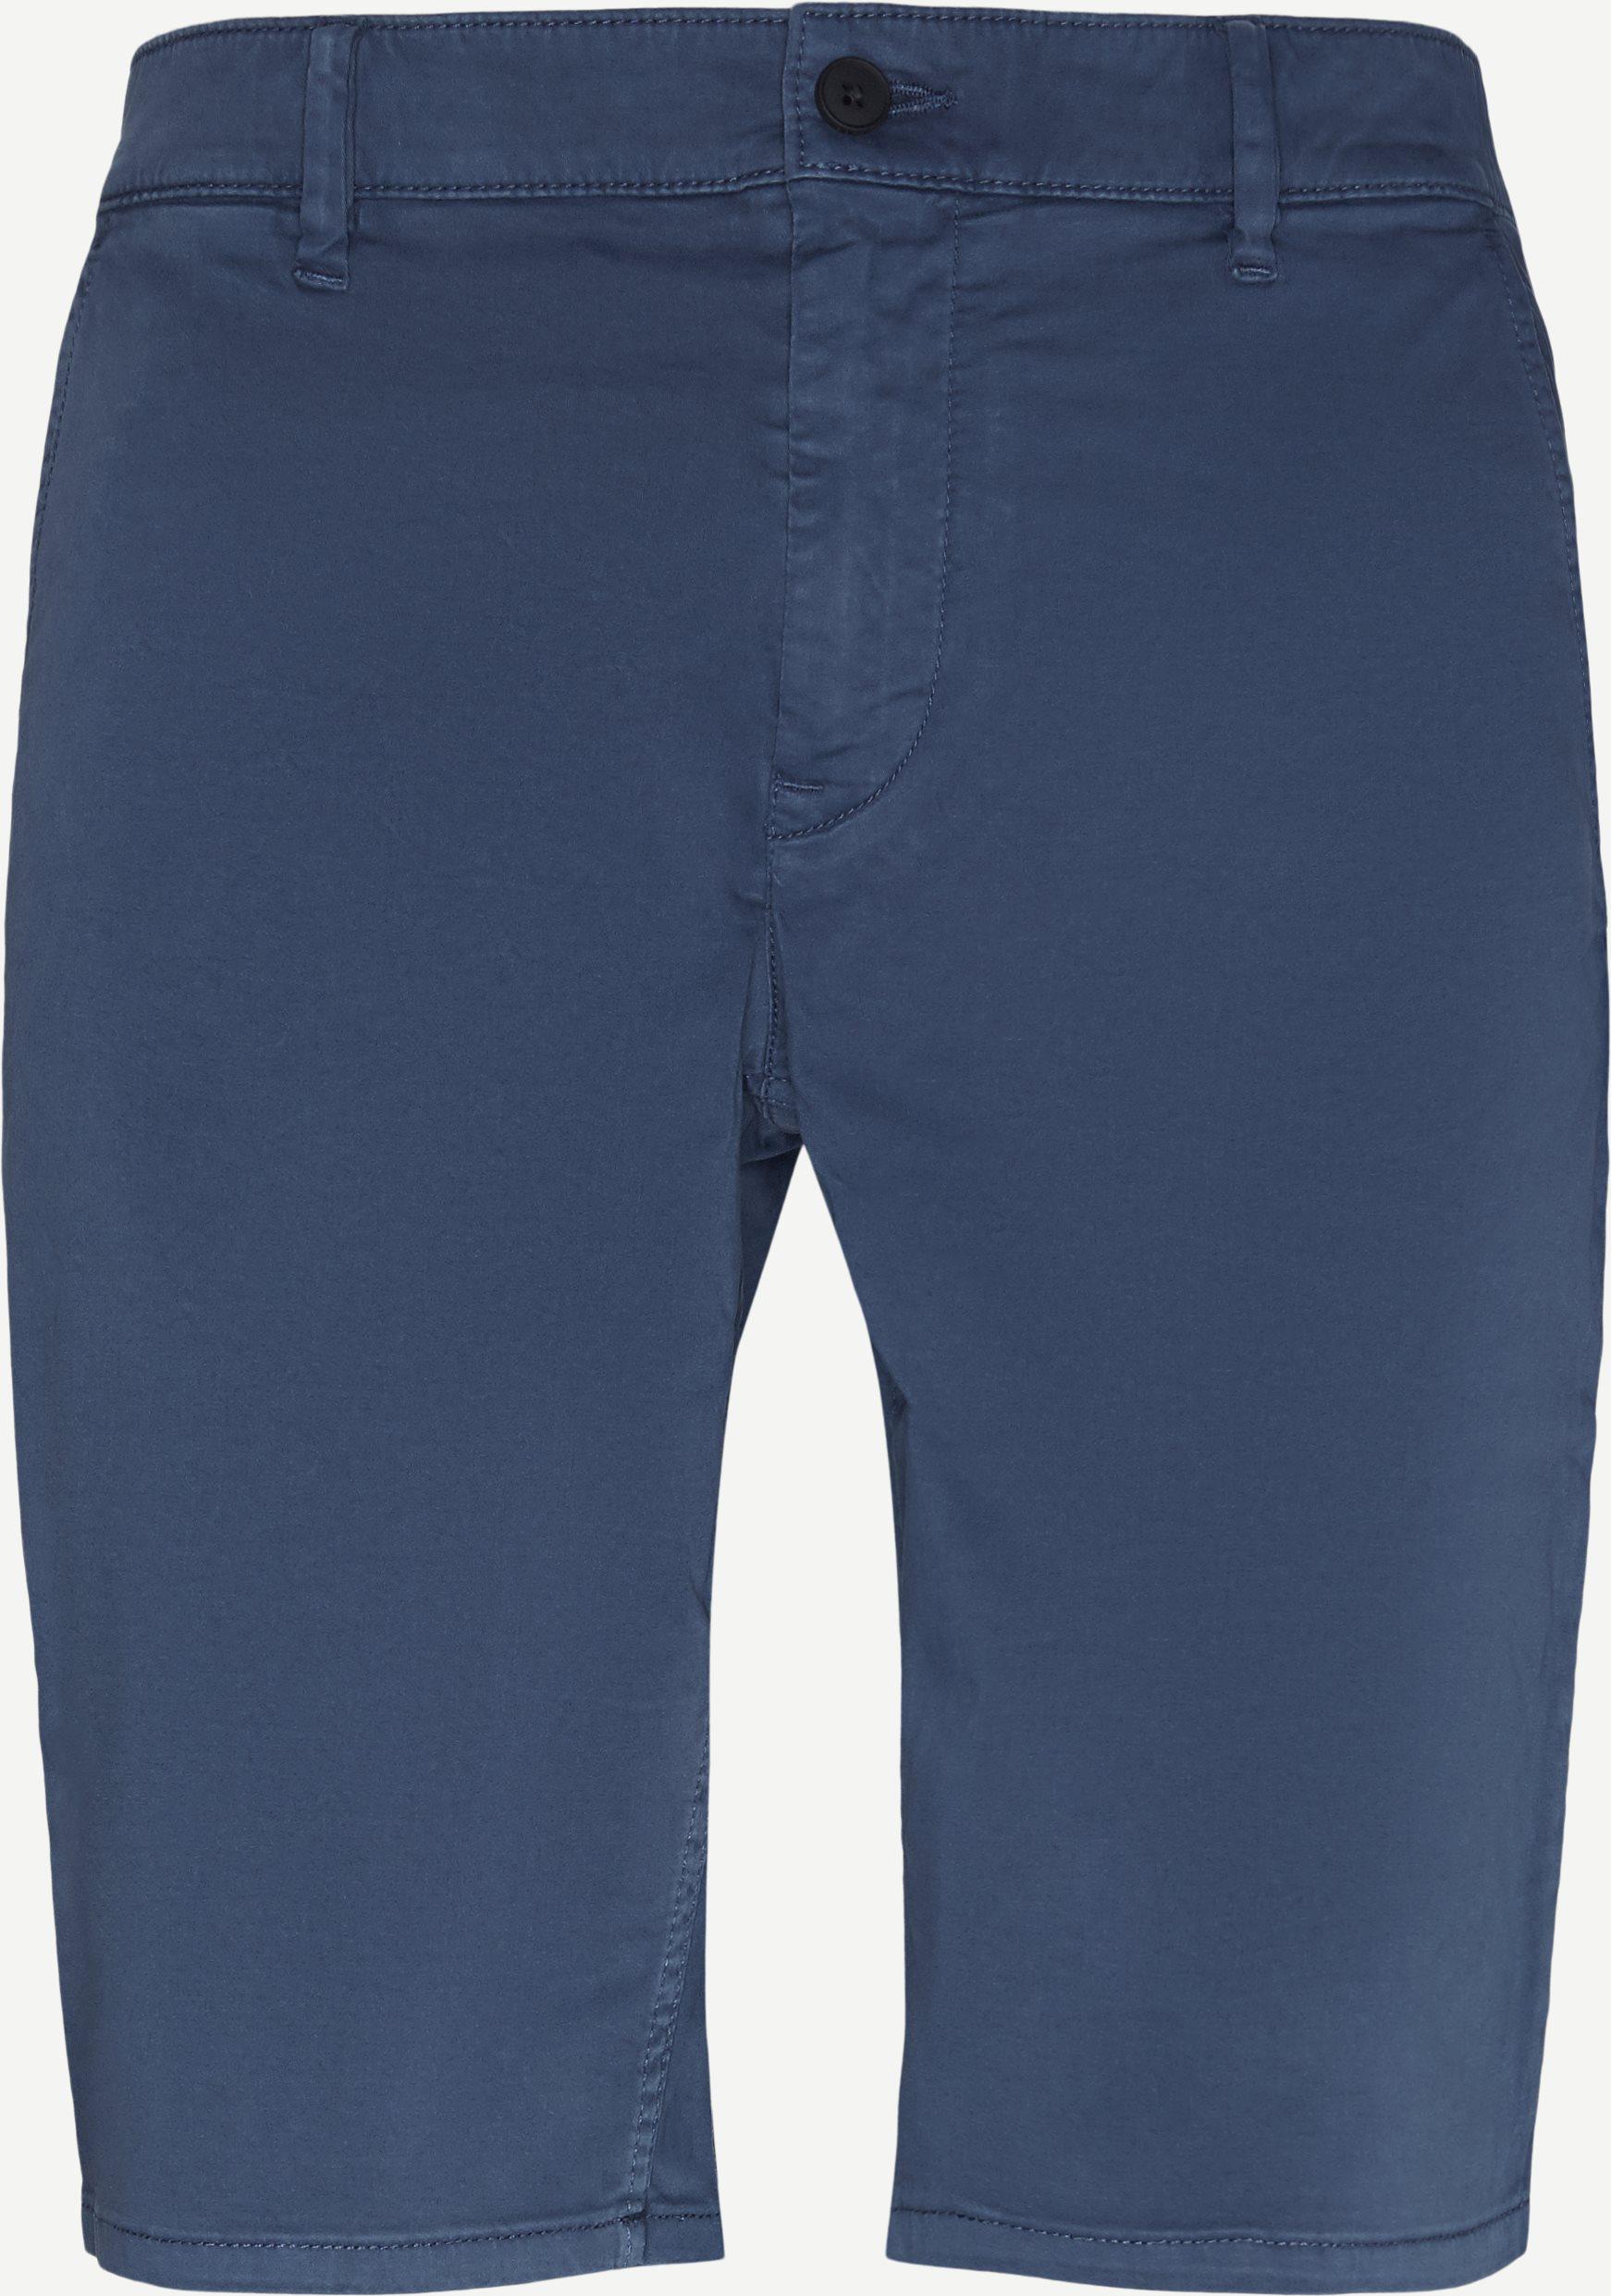 Shorts - Slim - Blue